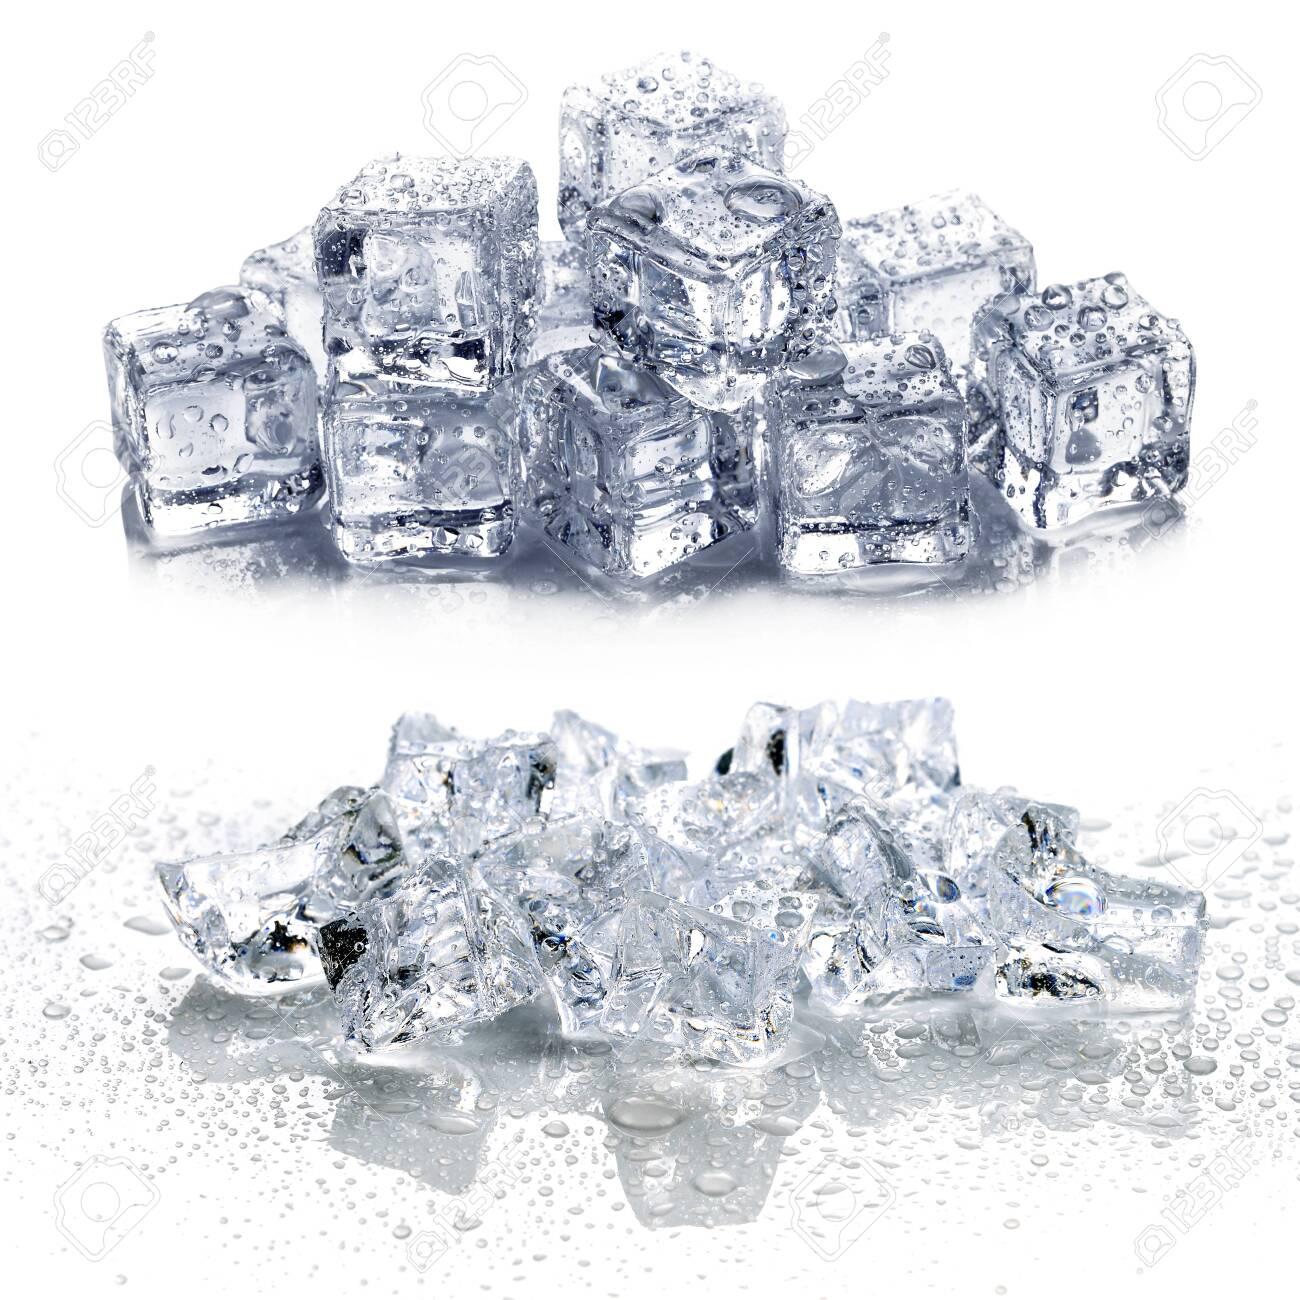 ice isolated on white background - 122185015